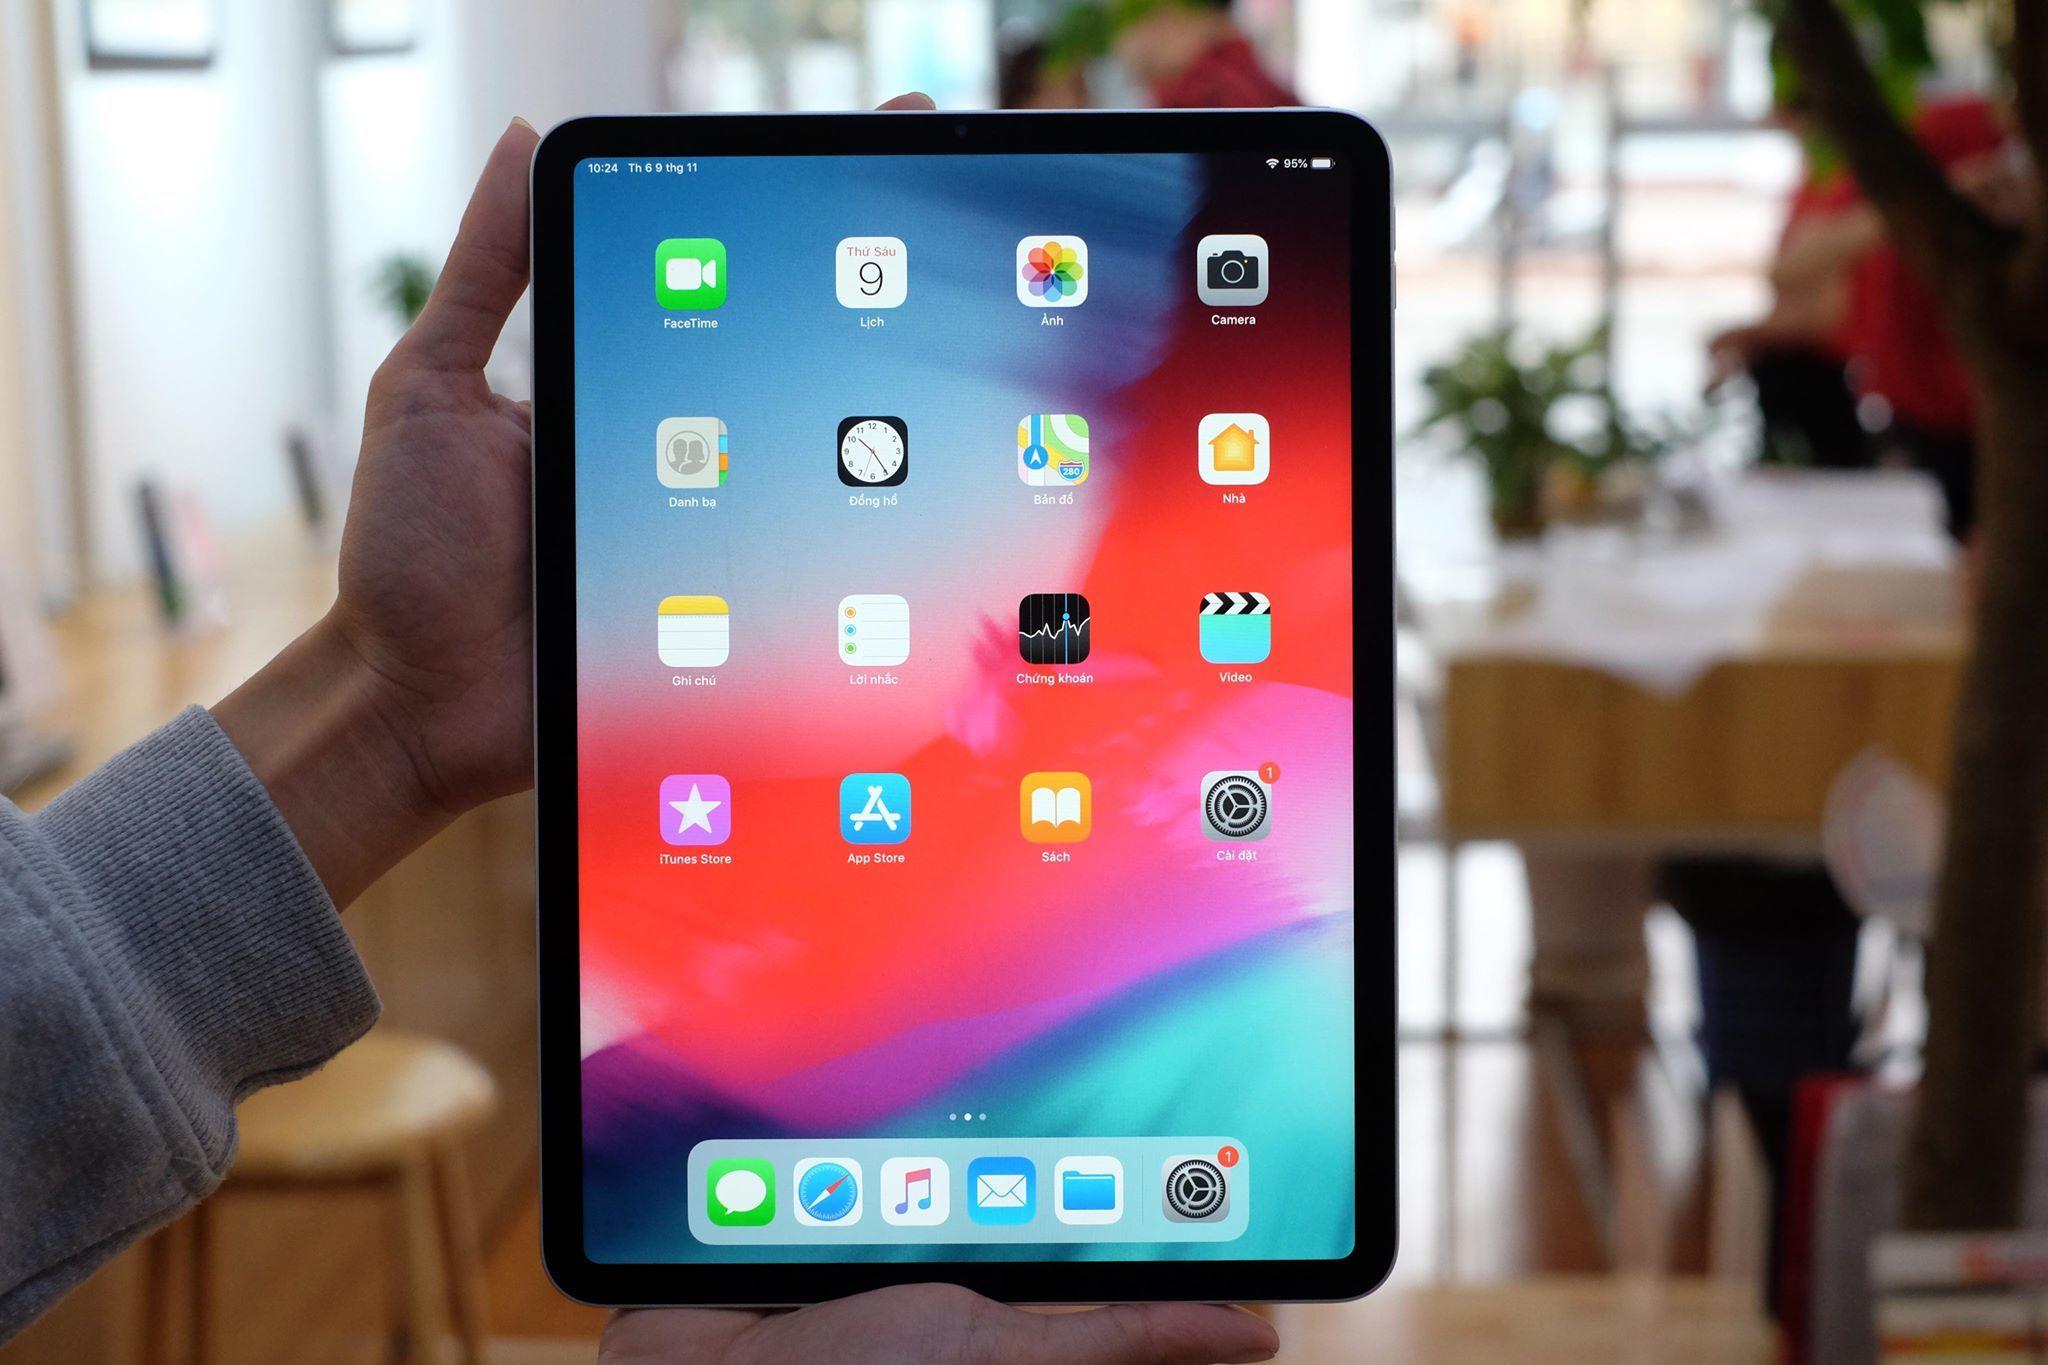 Chiếc iPad Pro 2018 này có màn hình Liquid Retina kích thước 11 inch. Độ phân giải màn hình là 2.388x1.668 pixel với khoảng gần 4 triệu điểm ảnh. Ngoài ra, mẫu tablet này còn có 1 phiên bản khác lớn hơn với màn hình kích thước 12.9 inch.